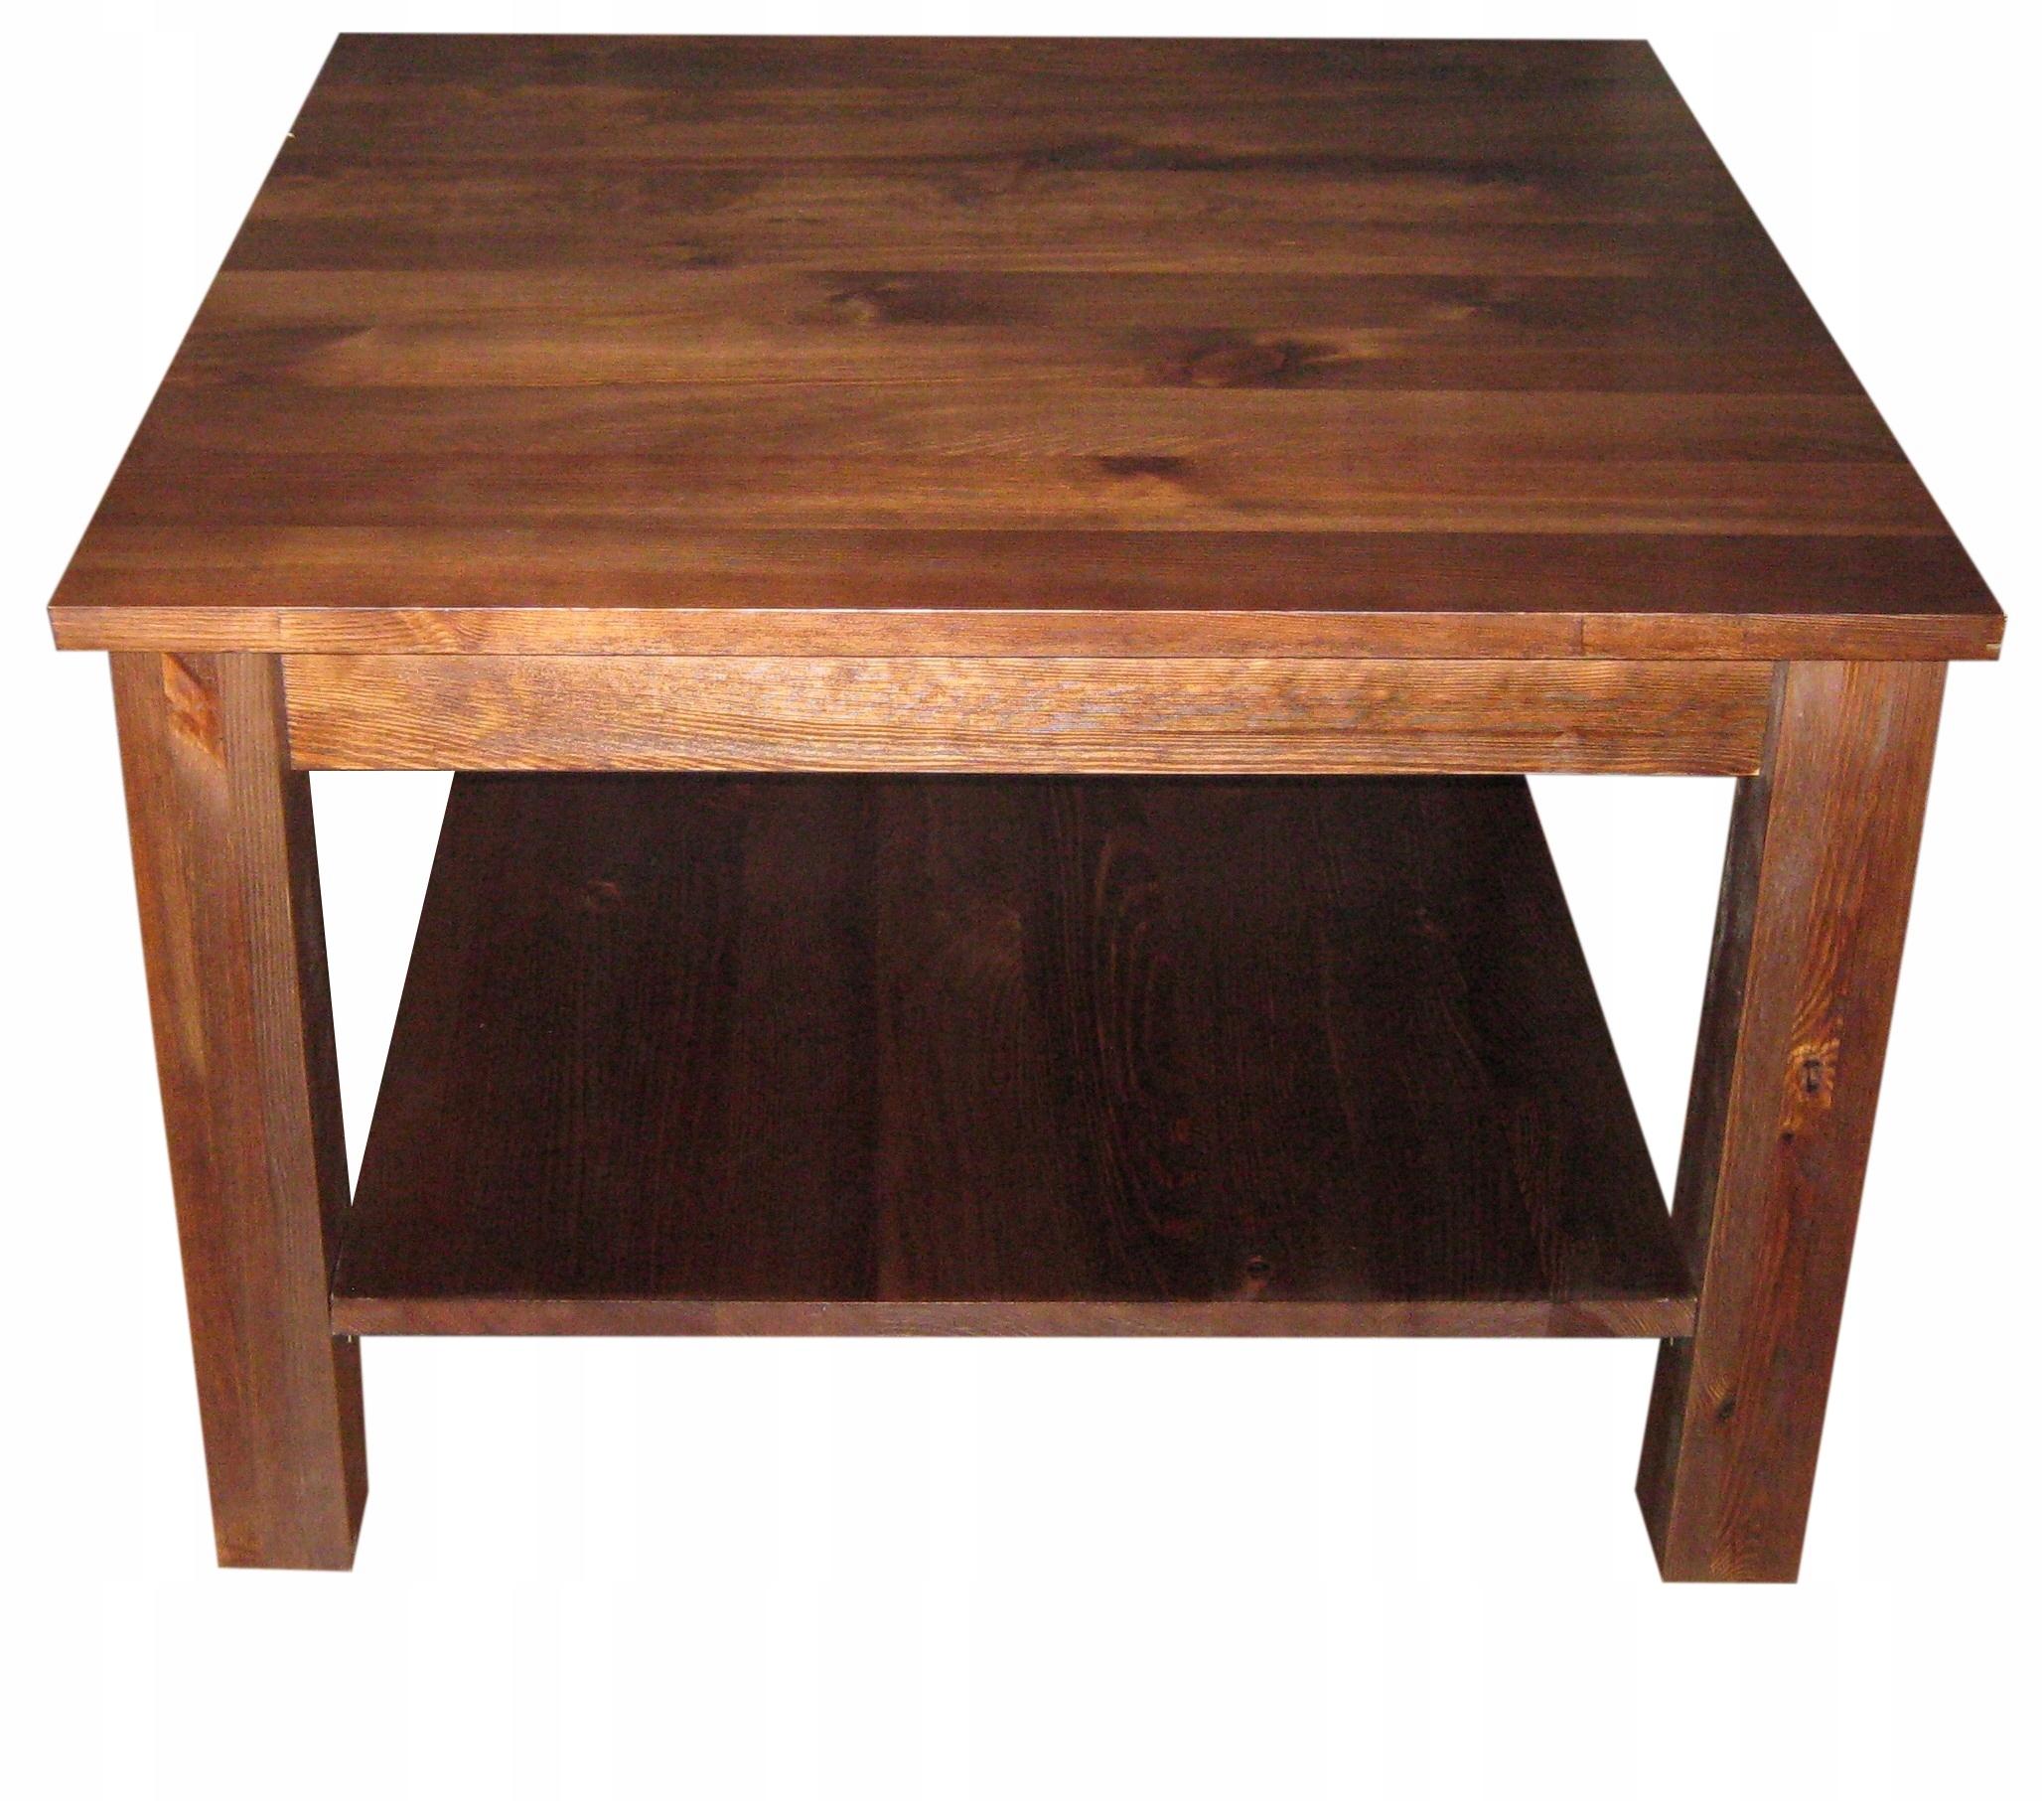 Stół drewniany sosnowy 100x70 ELEGANCKI NOWOCZESNY Kolor blatu inny kolor